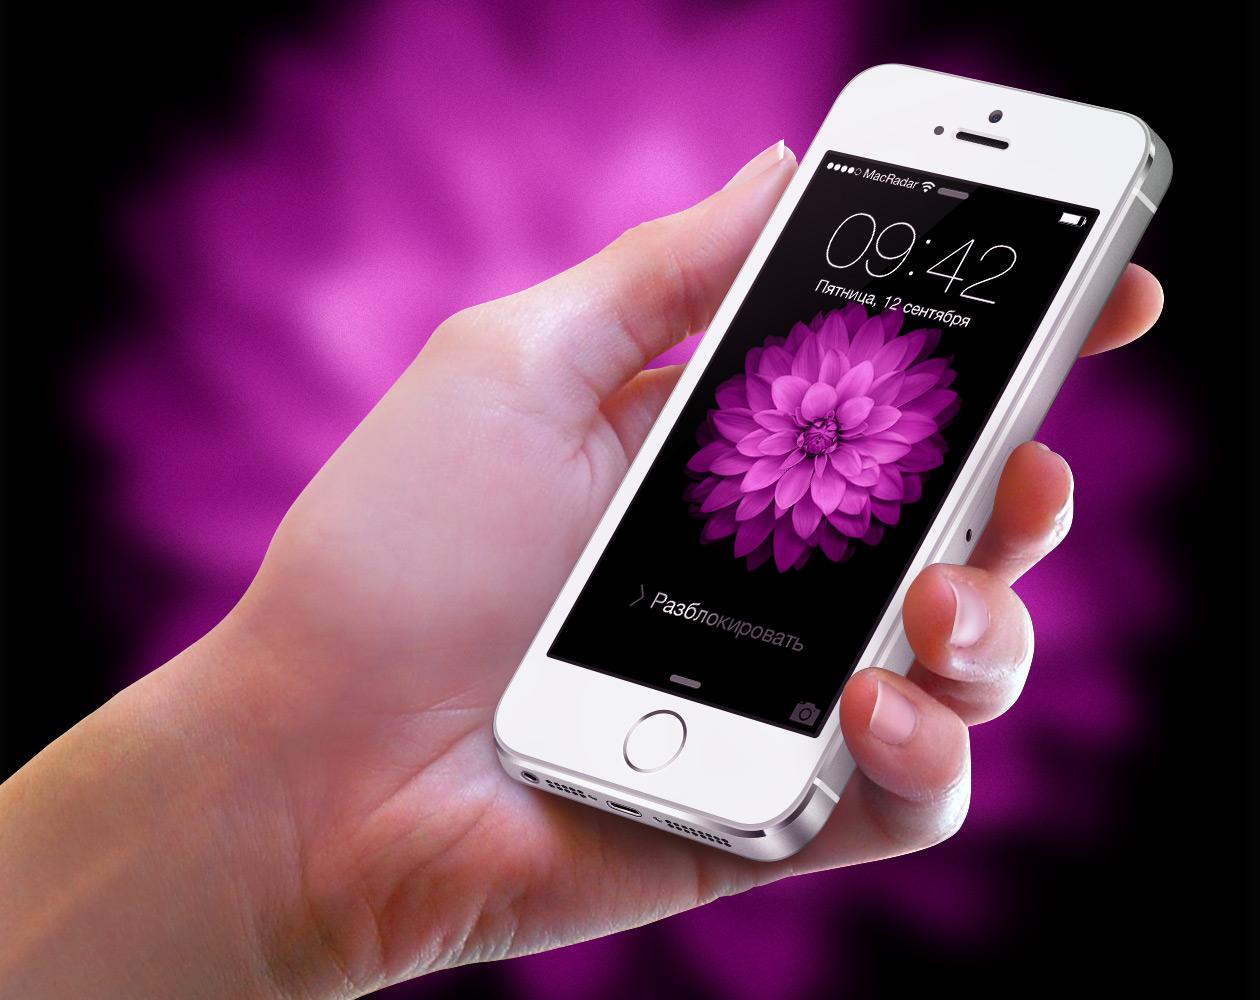 Обои для iPhone из iOS 8 GM